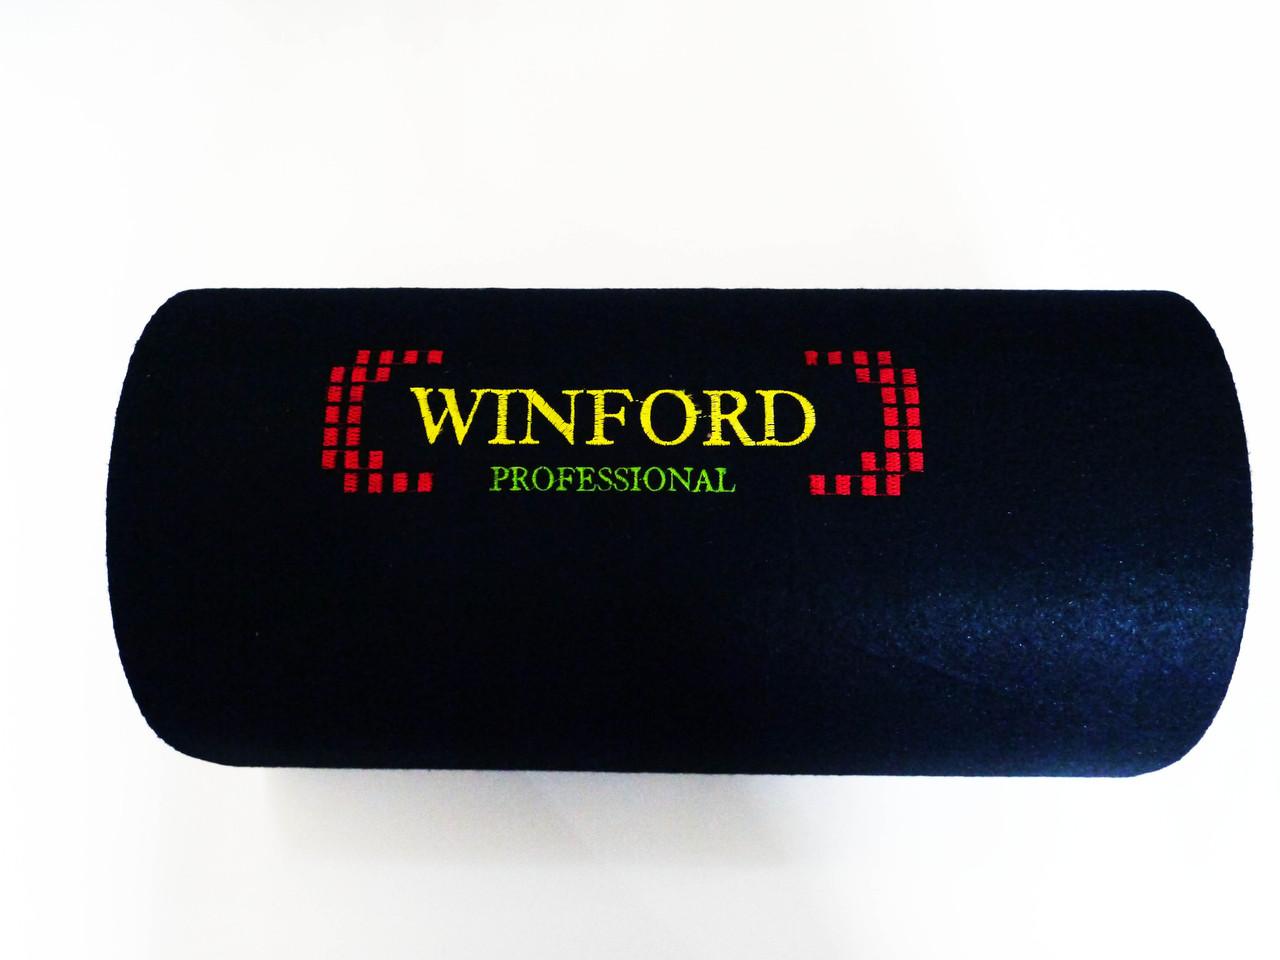 Активний сабвуфер 6 Winford 200W + Bluetooth